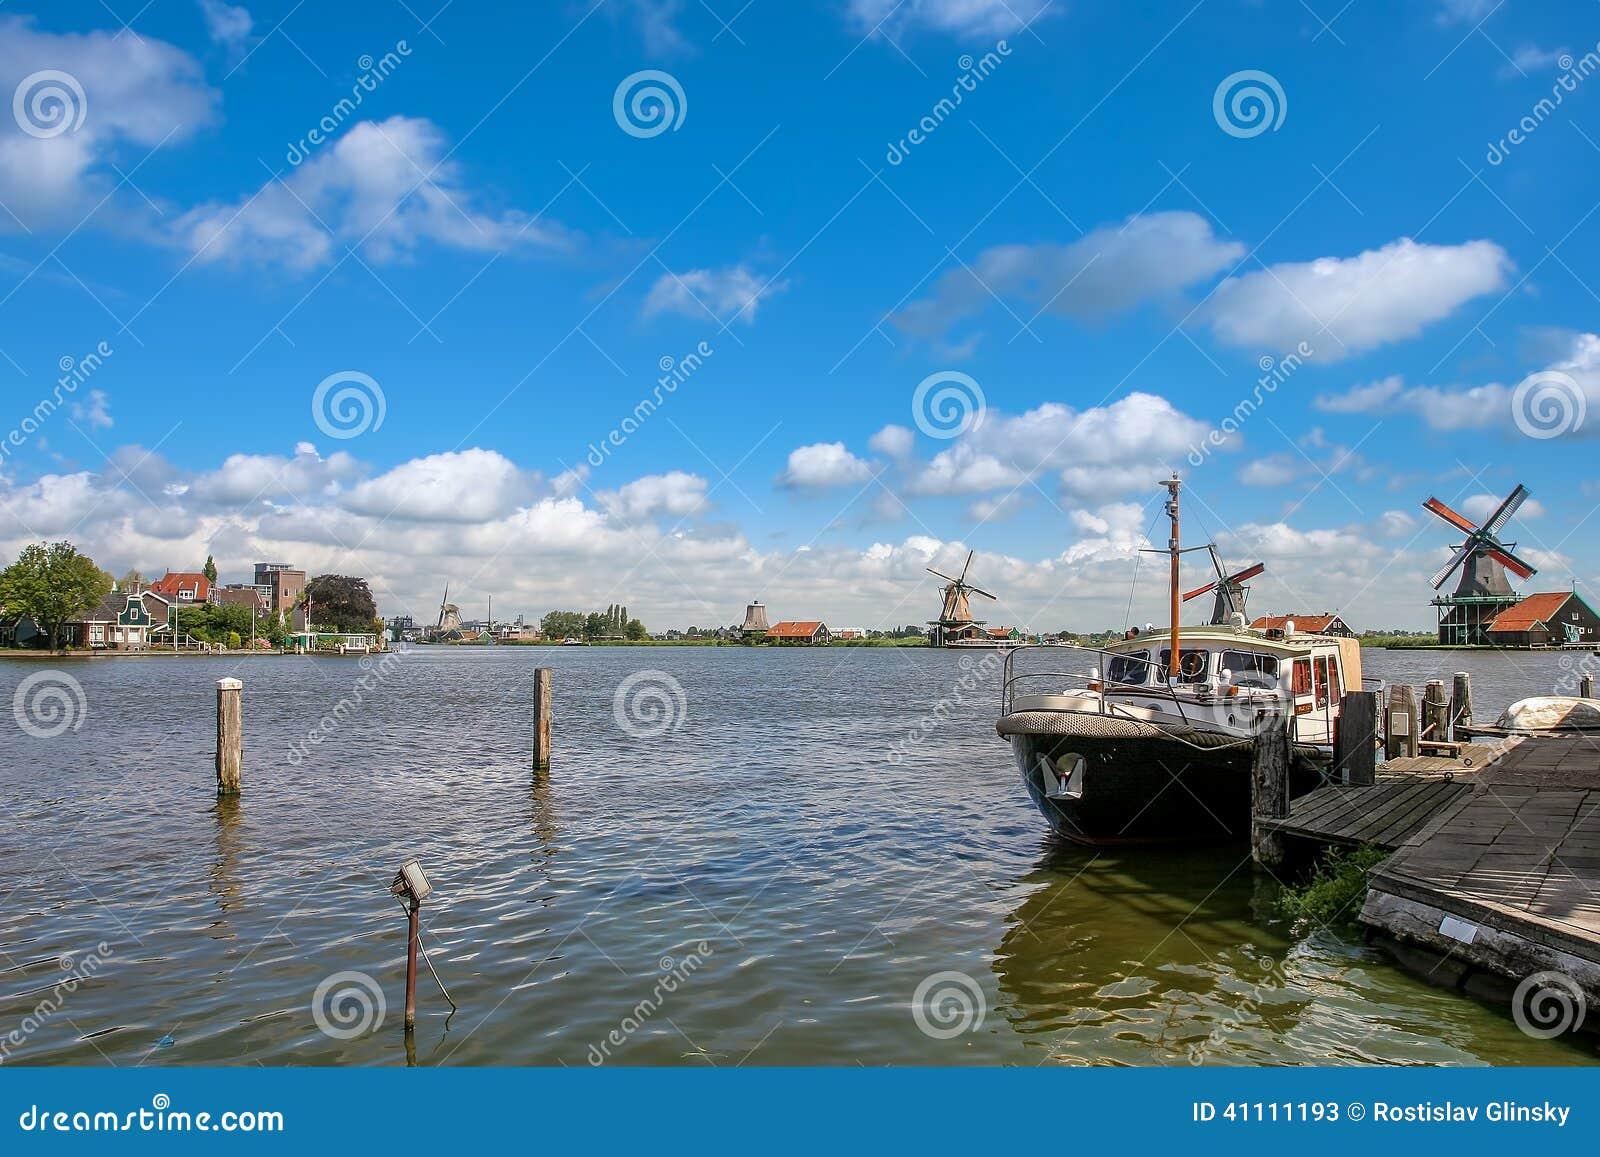 Boot auf dem Fluss im niederländischen Dorf